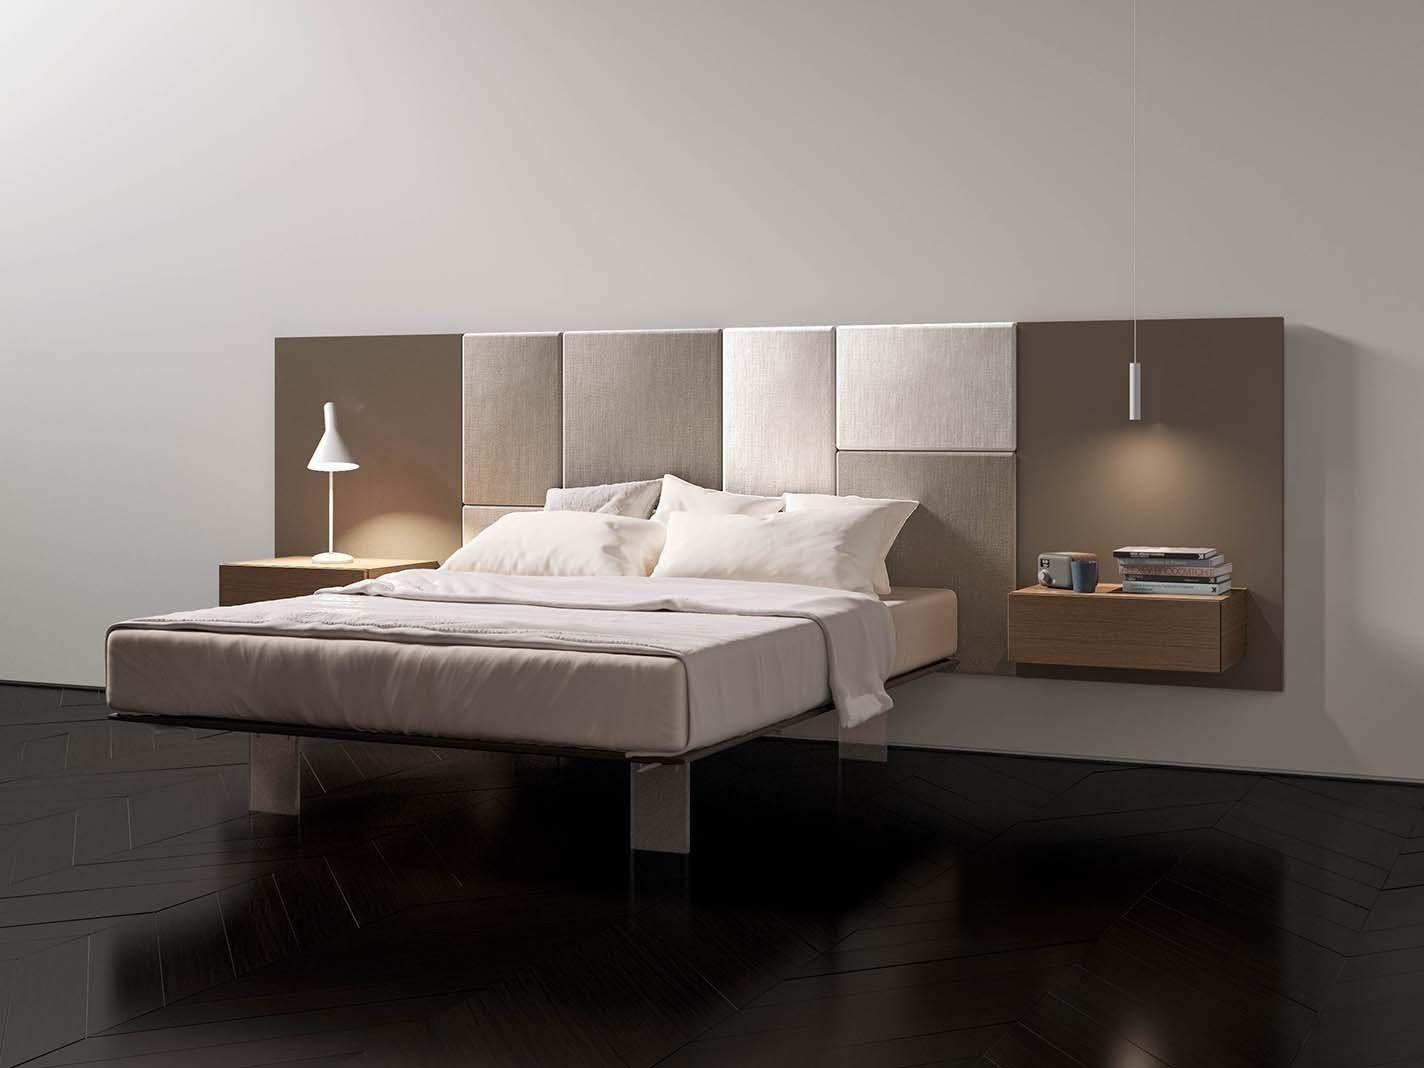 Testiera imbottita laccata in tessuto in stile moderno per letto matrimoniale boiserie mod p442 - Testiera letto imbottita ...